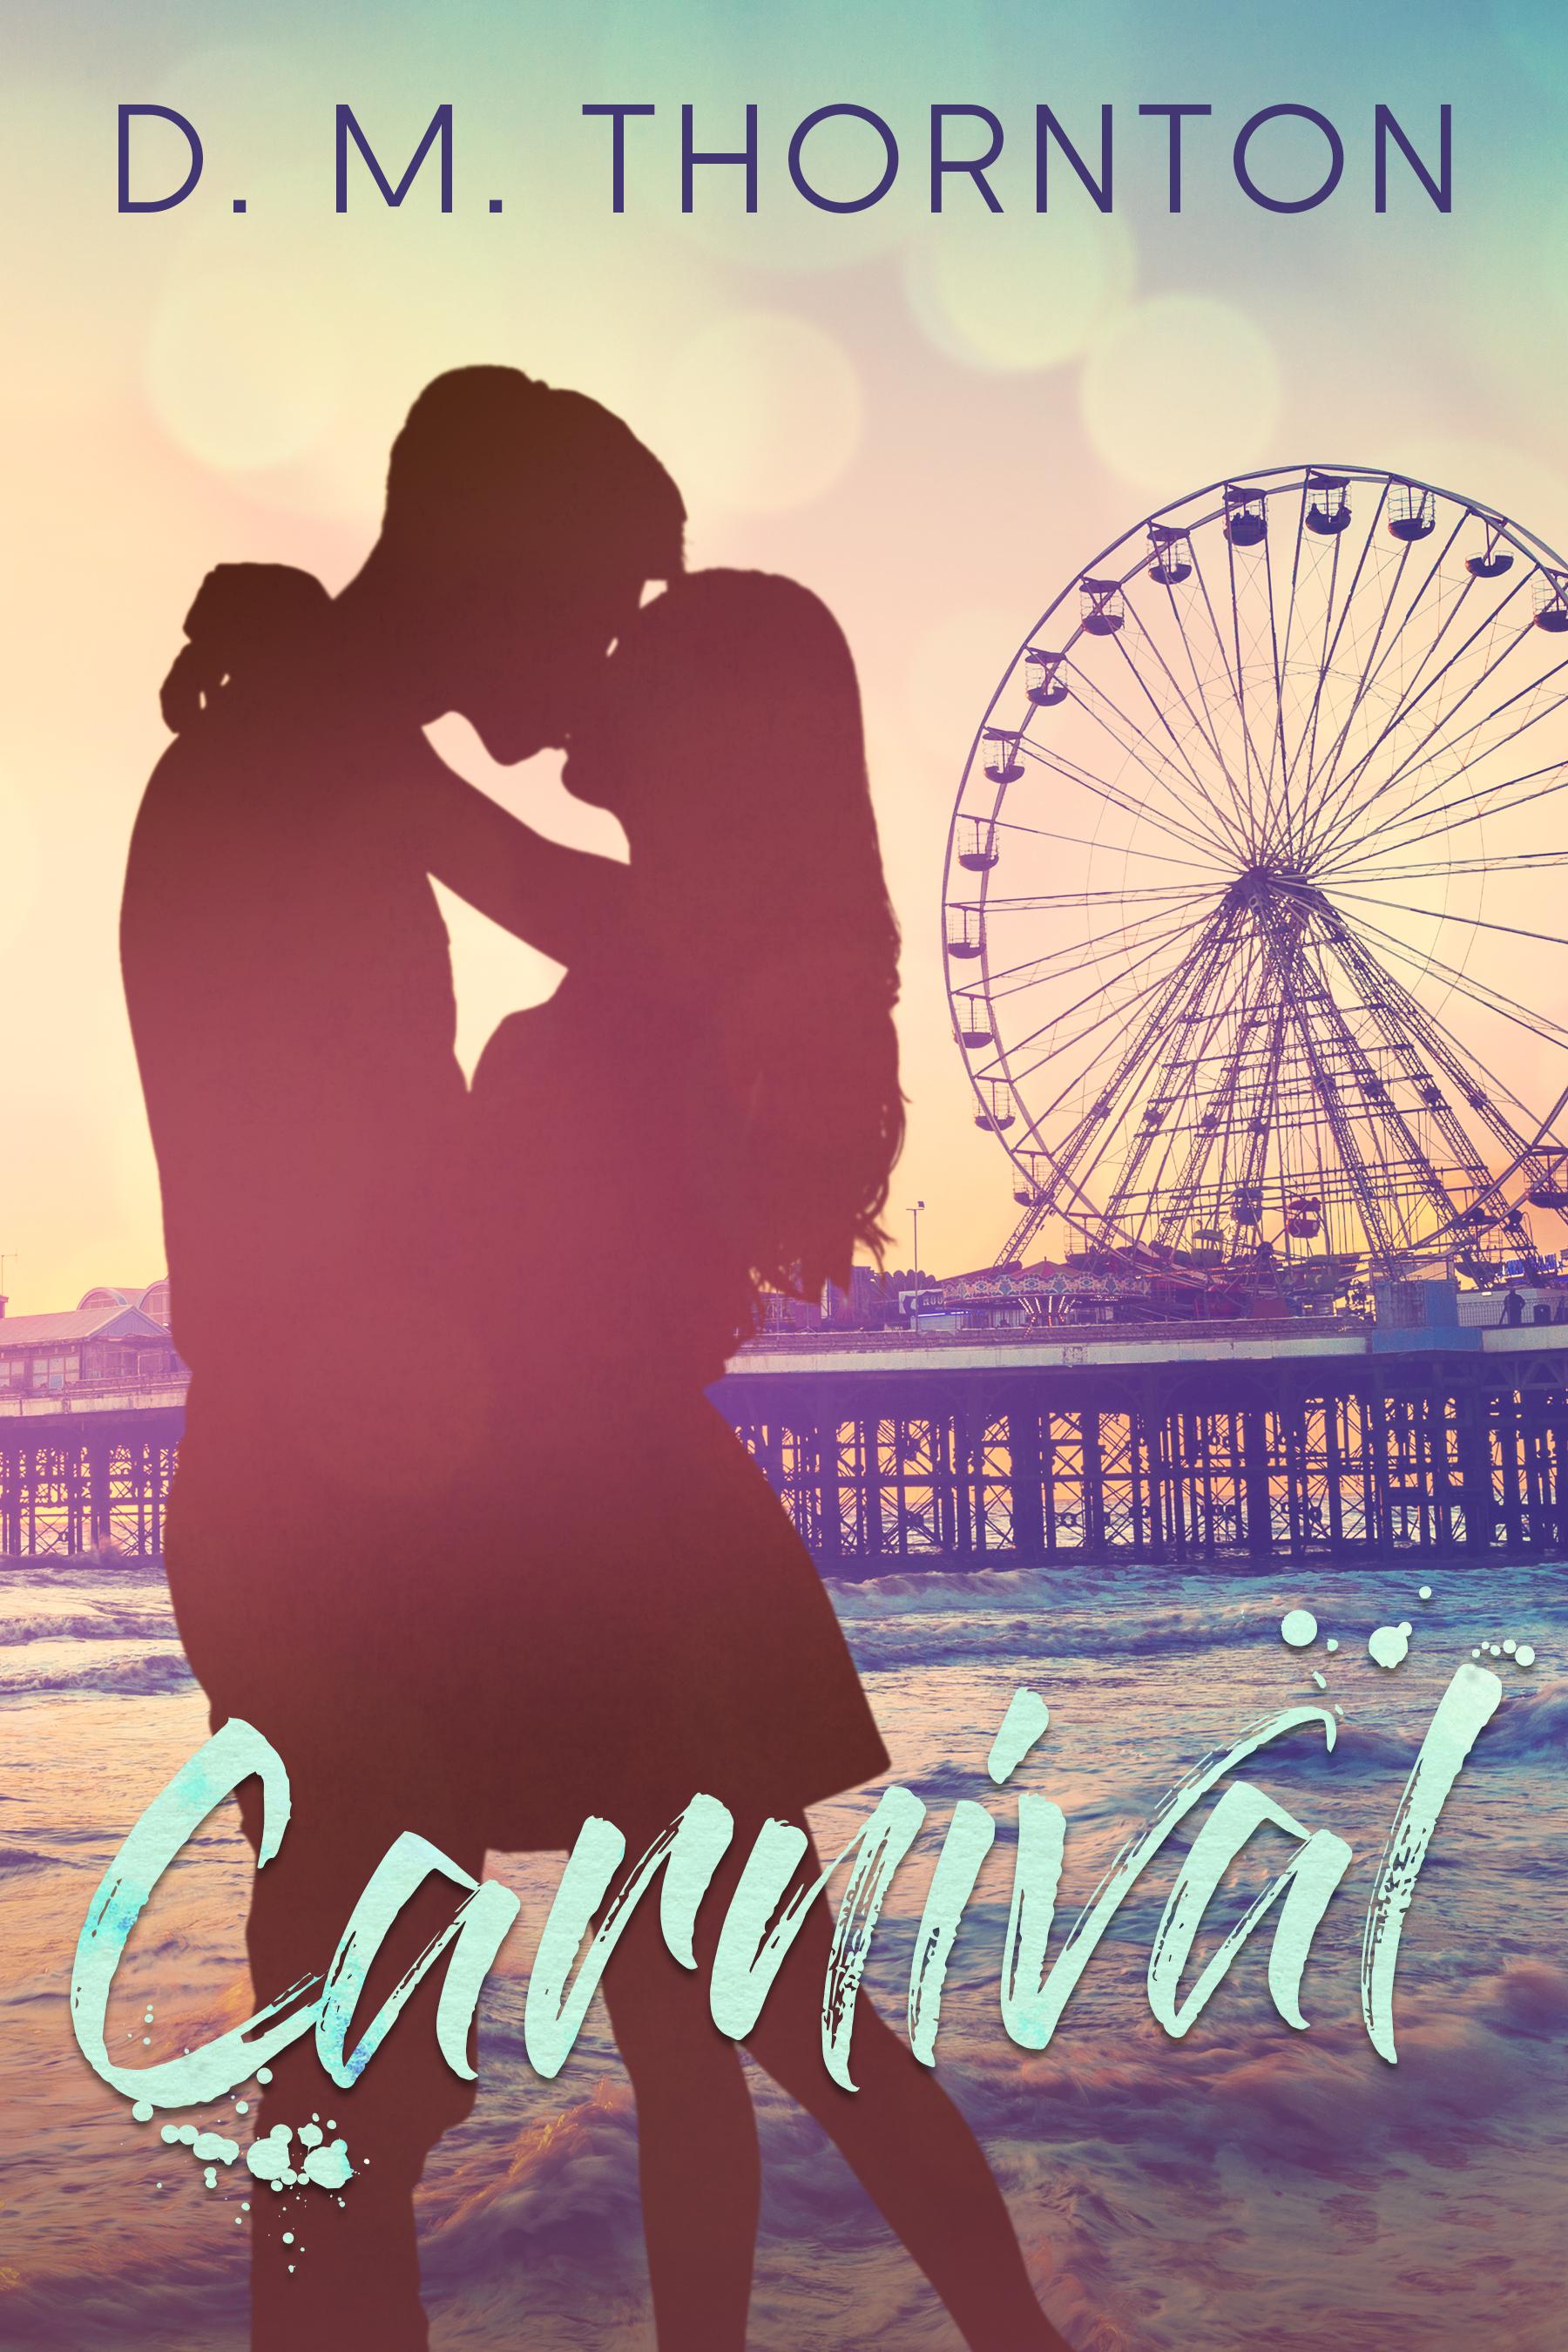 CARNIVAL COVER.jpg